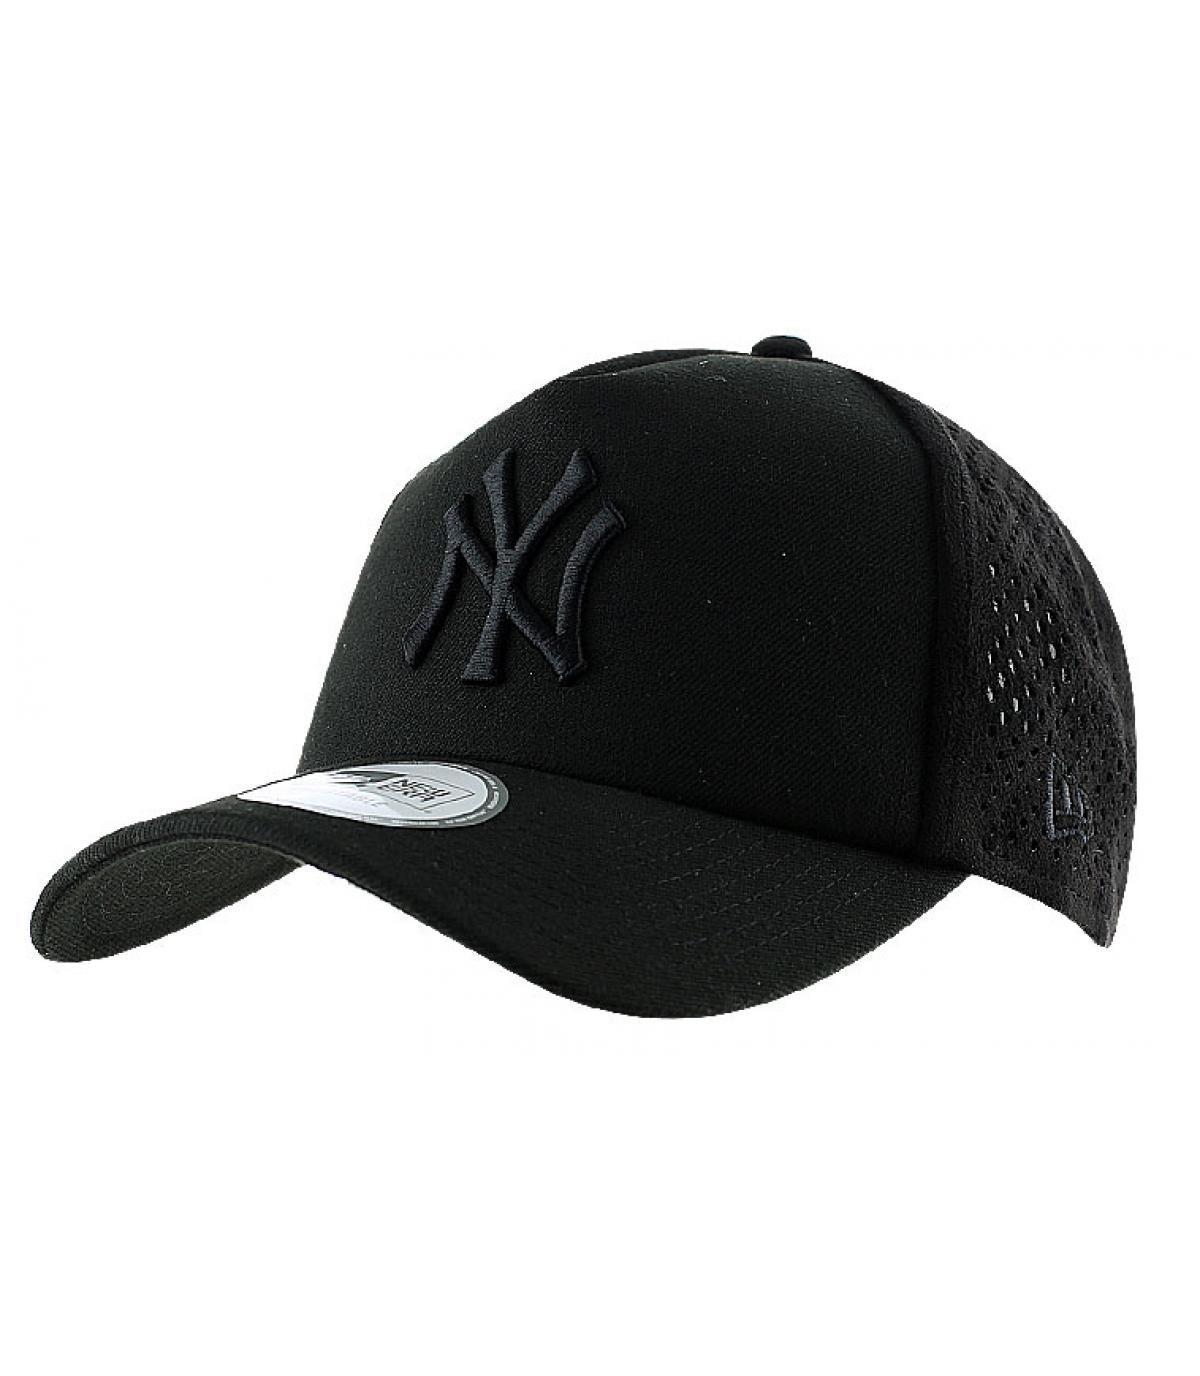 New era black mesh cap